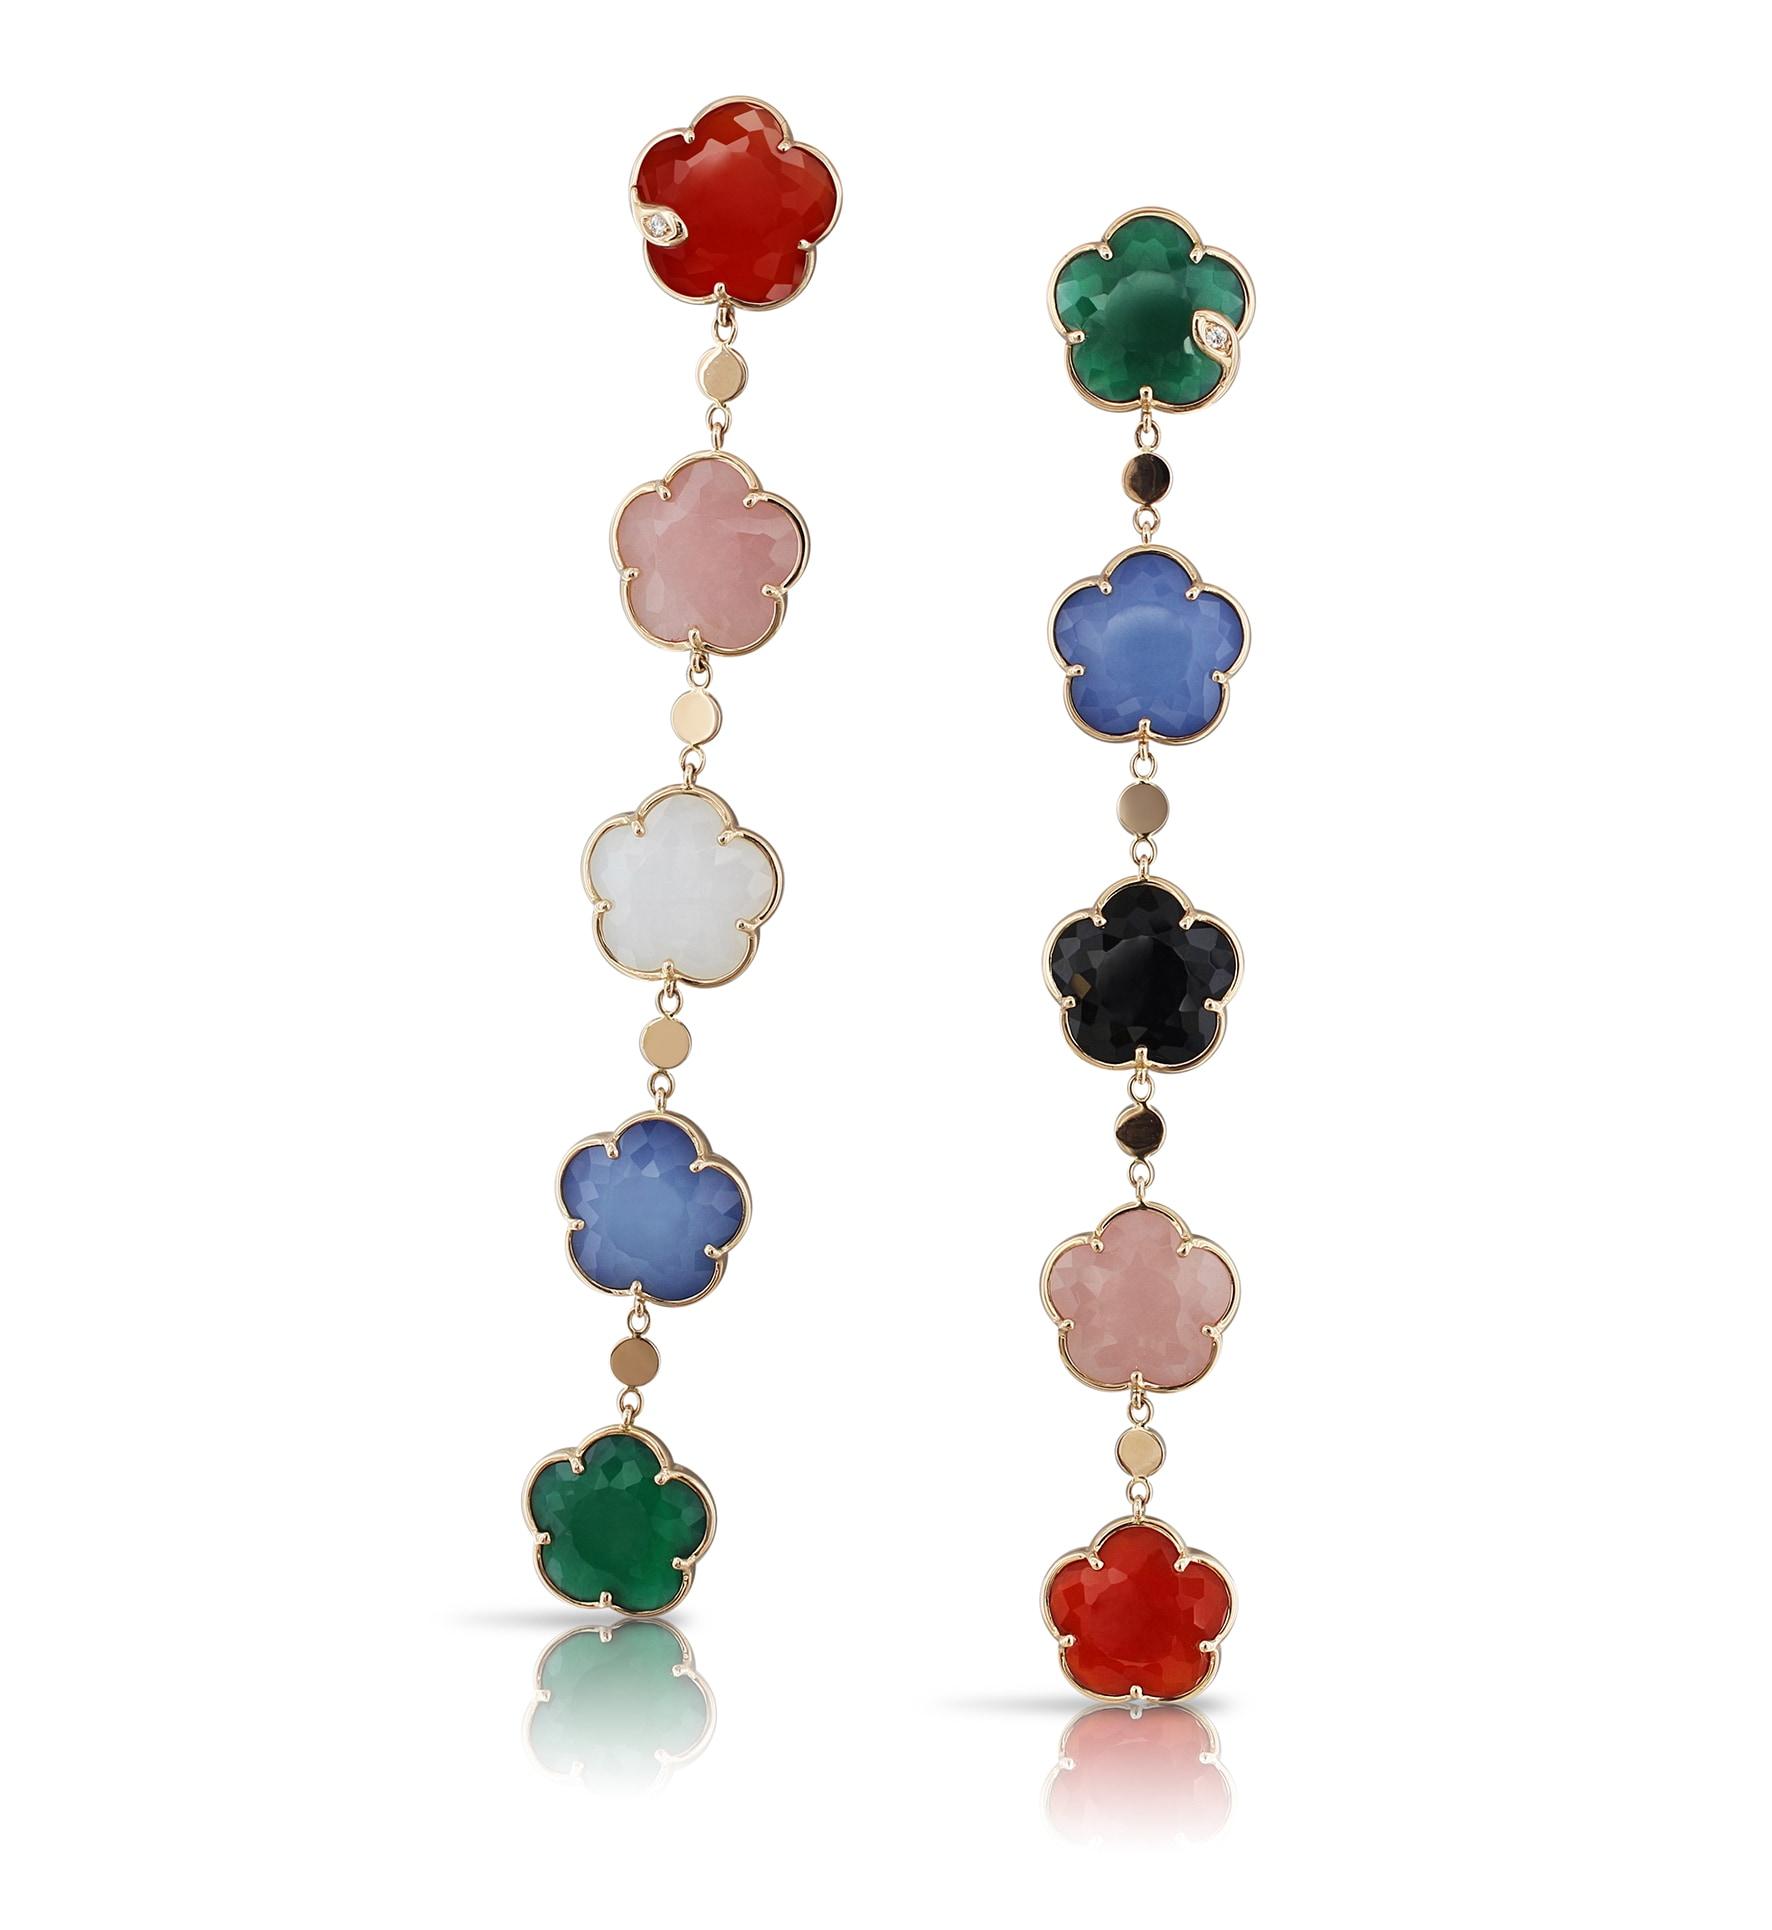 Pendenti Petit Joli in oro, agata verde e bianca, calcedonio rosa, corniola, onice, lapislazzuli e diamanti, PASQUALE BRUNI (5.700 €).